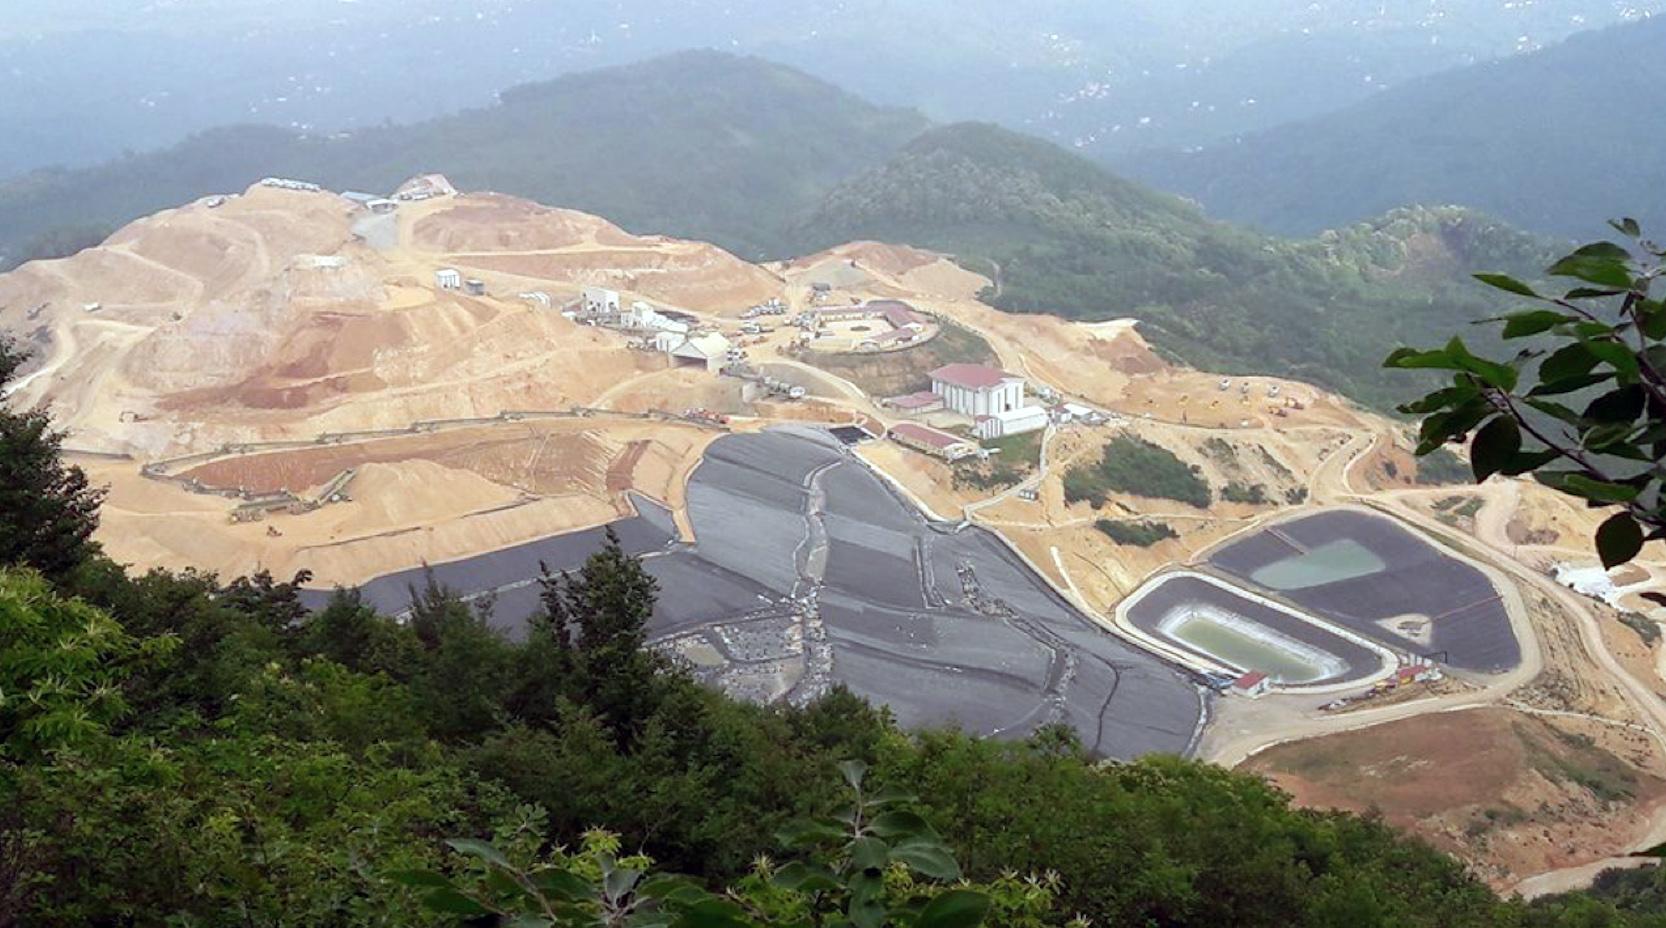 Jeoloji Mühendisleri Odası'ndan Kaz Dağları raporu: Kaynak suları ağır metal içeriyor; bu projeden derhal vazgeçilmeli